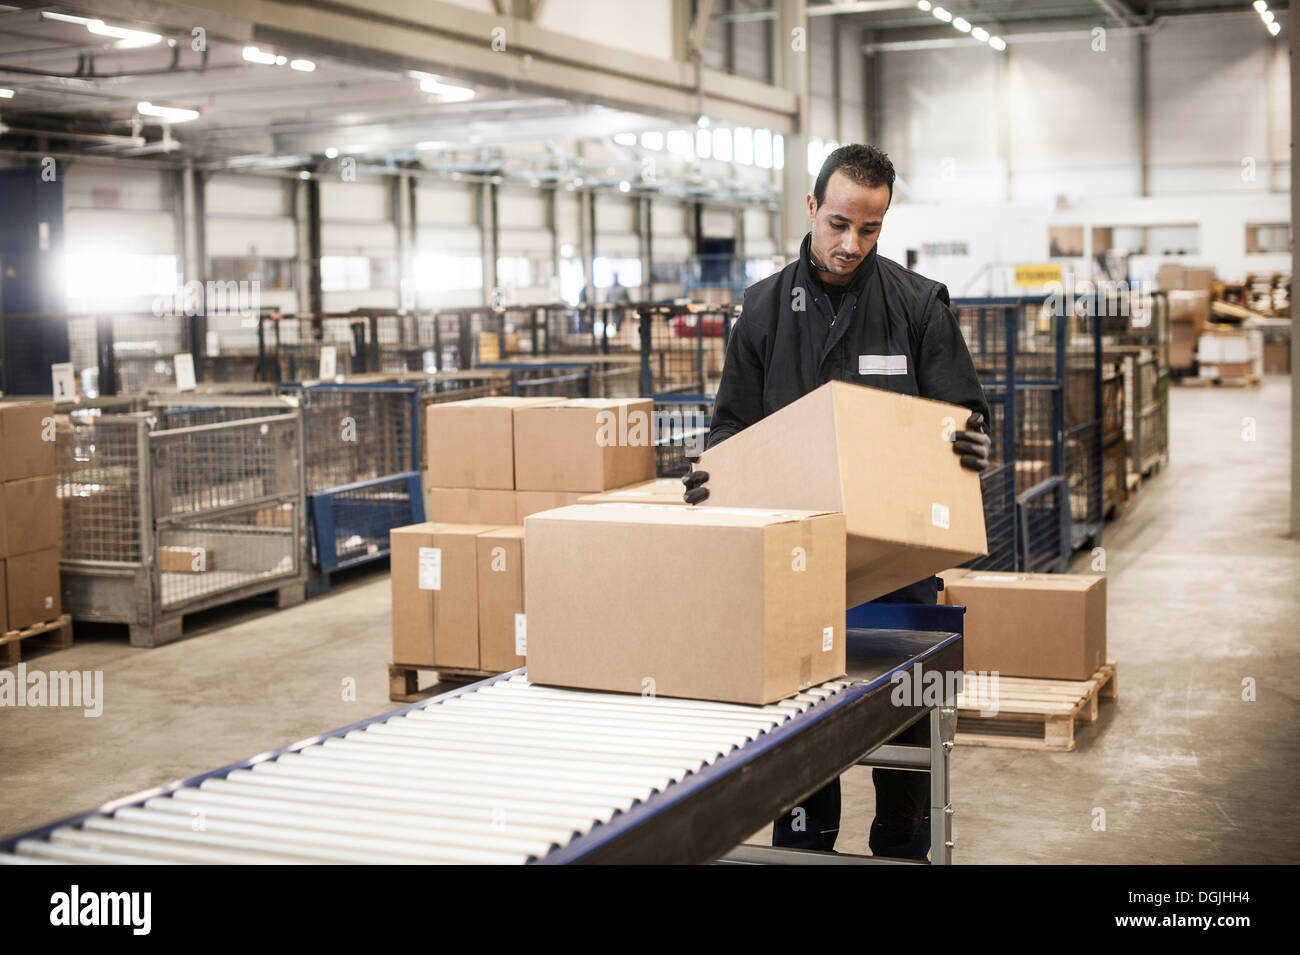 Magazzino maschio lavoratore controllo scatola di cartone dal nastro trasportatore Foto Stock